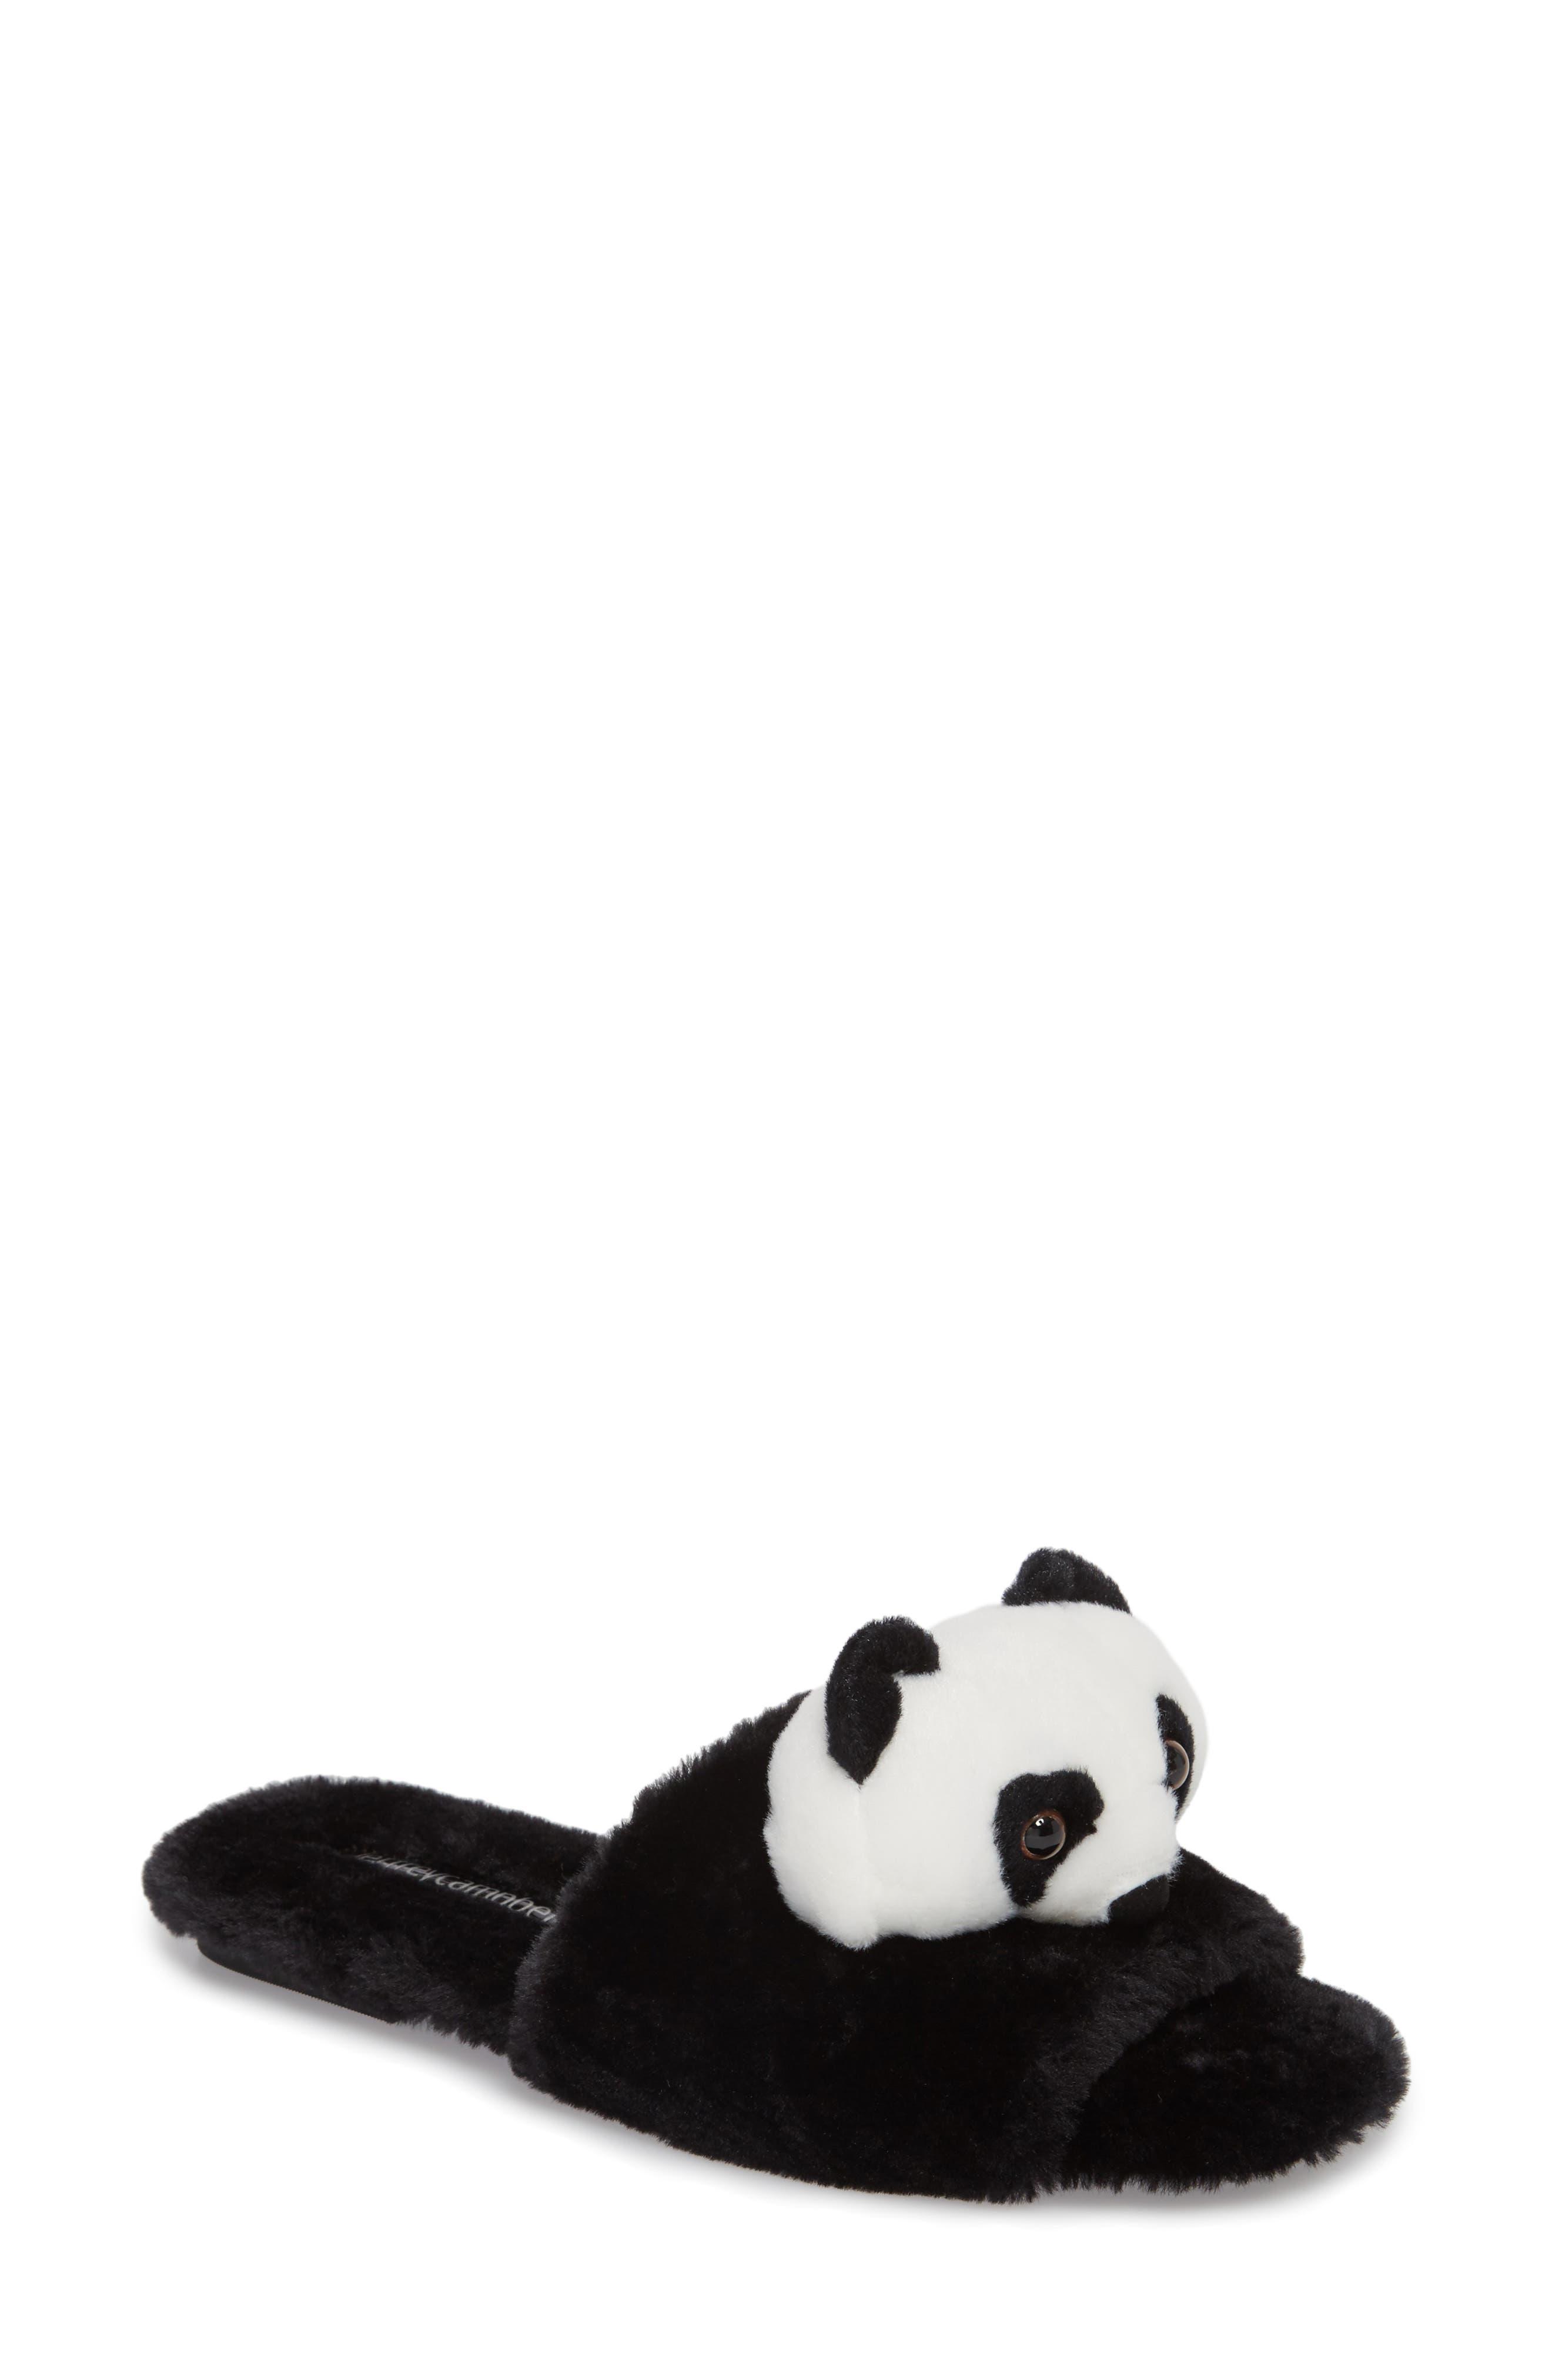 Plush Animal Slipper,                             Main thumbnail 1, color,                             Black Faux Fur